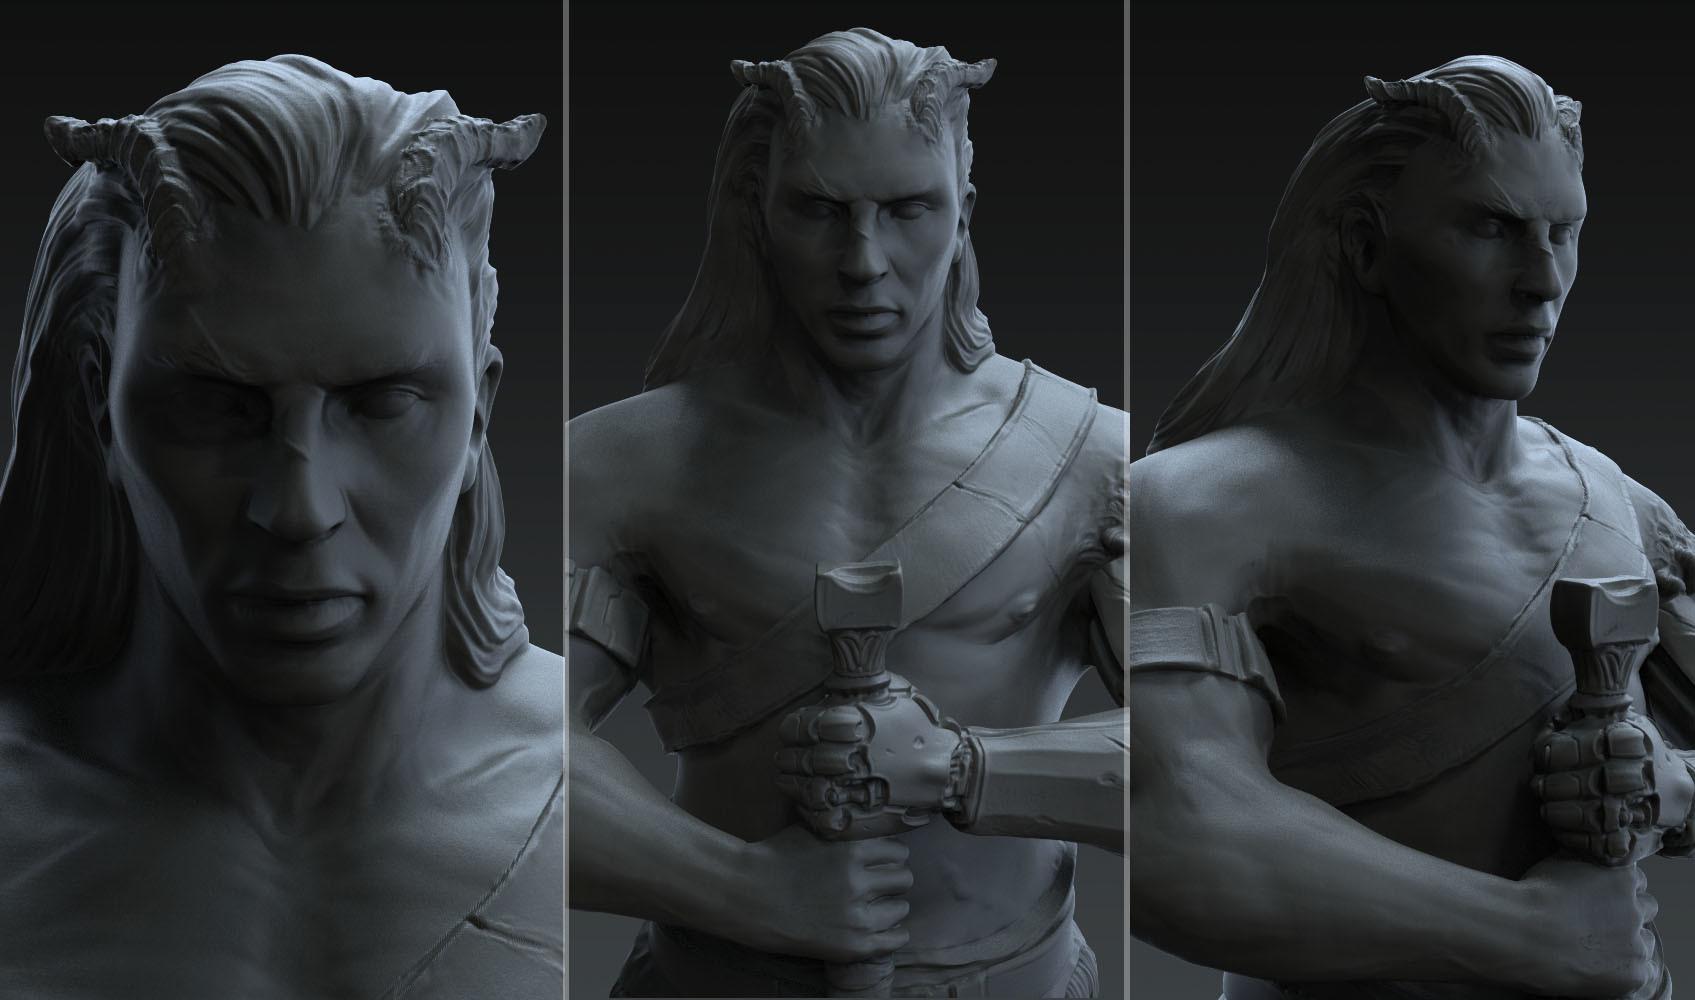 Marco hasmann details1b